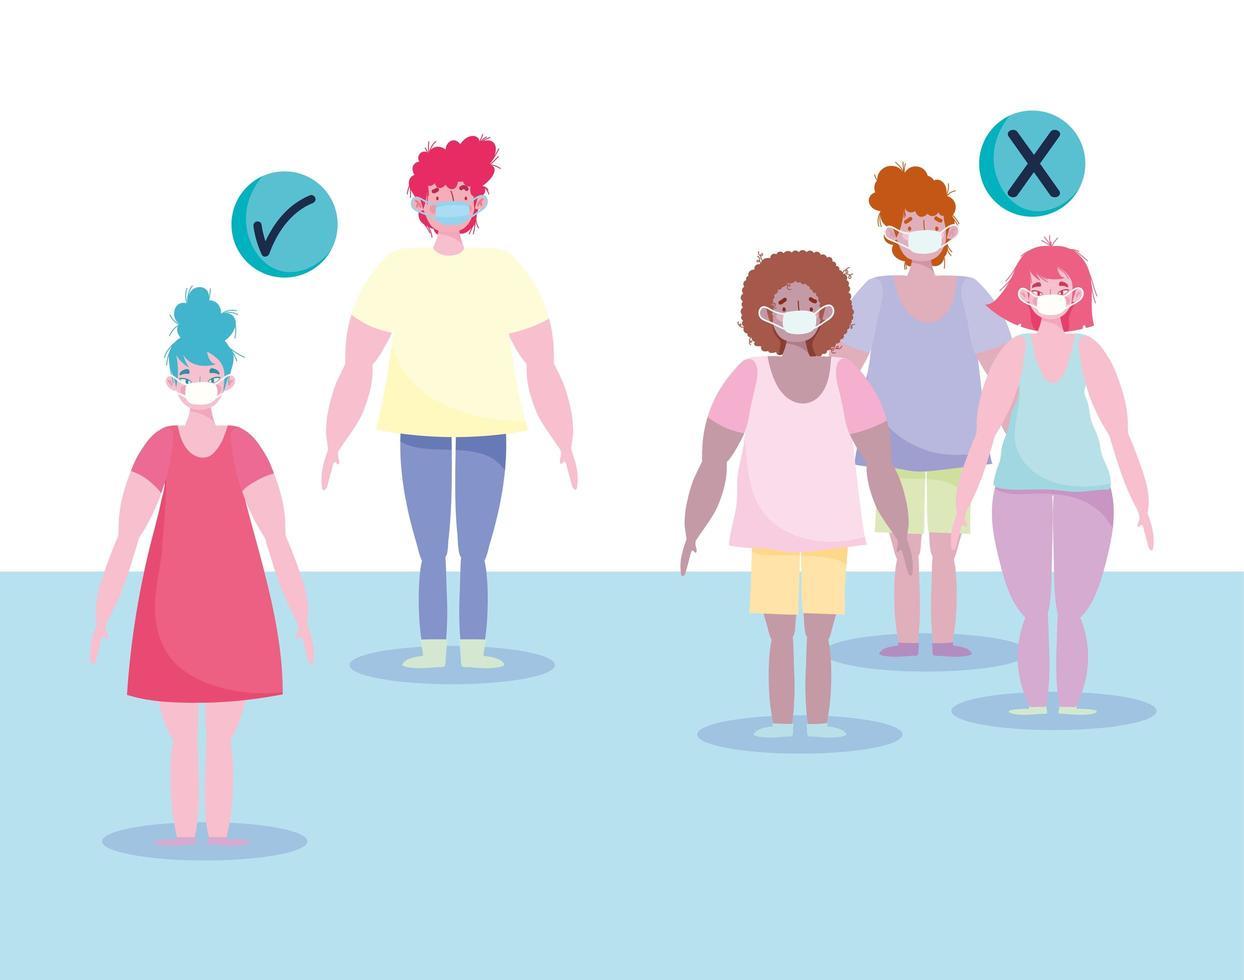 façon correcte de pratiquer la conception de distanciation sociale vecteur